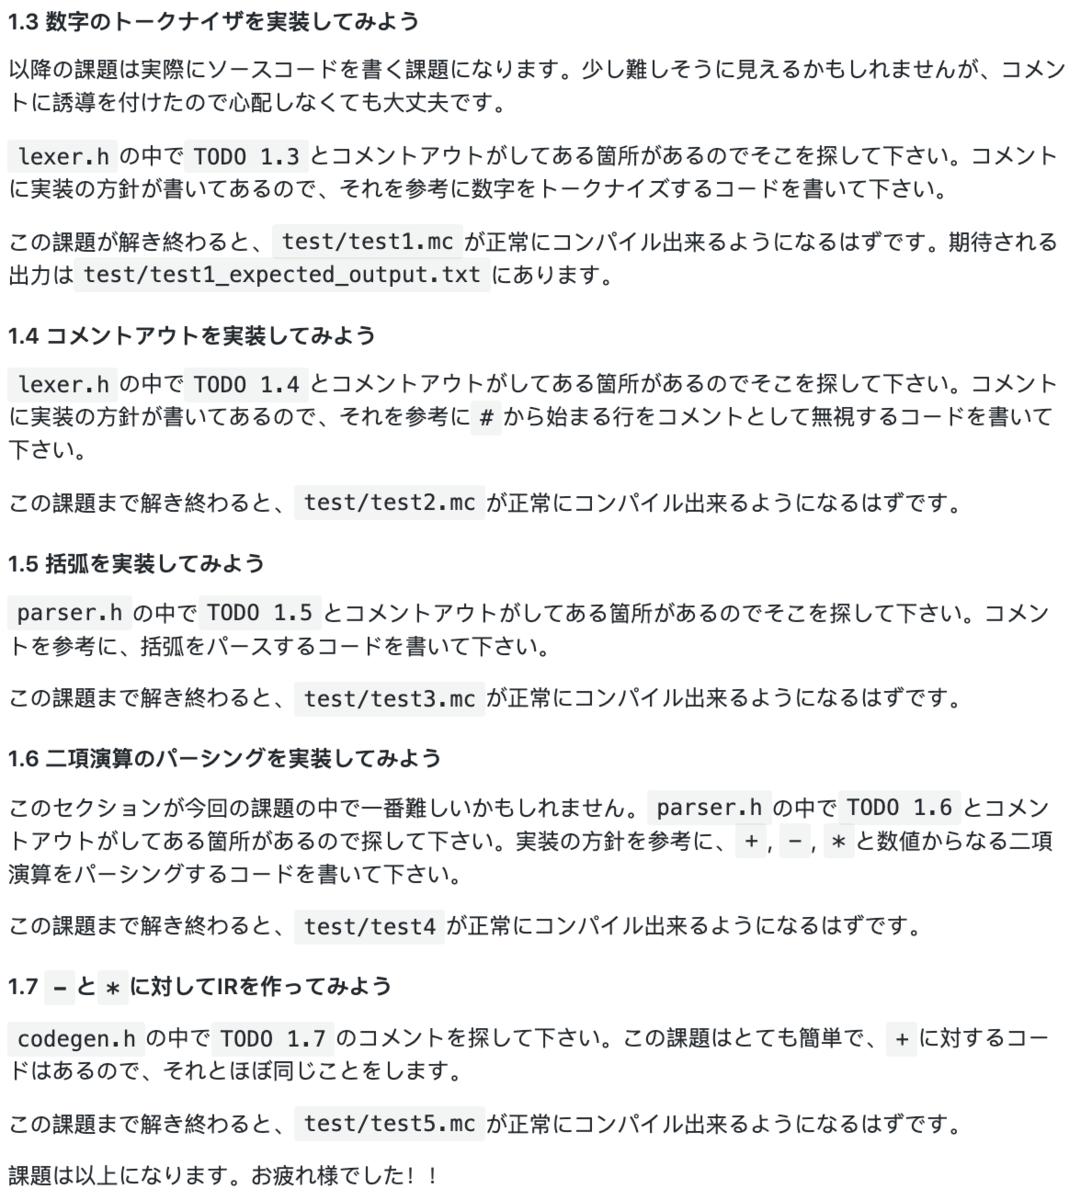 f:id:yamaguchi_1024:20191019153341p:plain